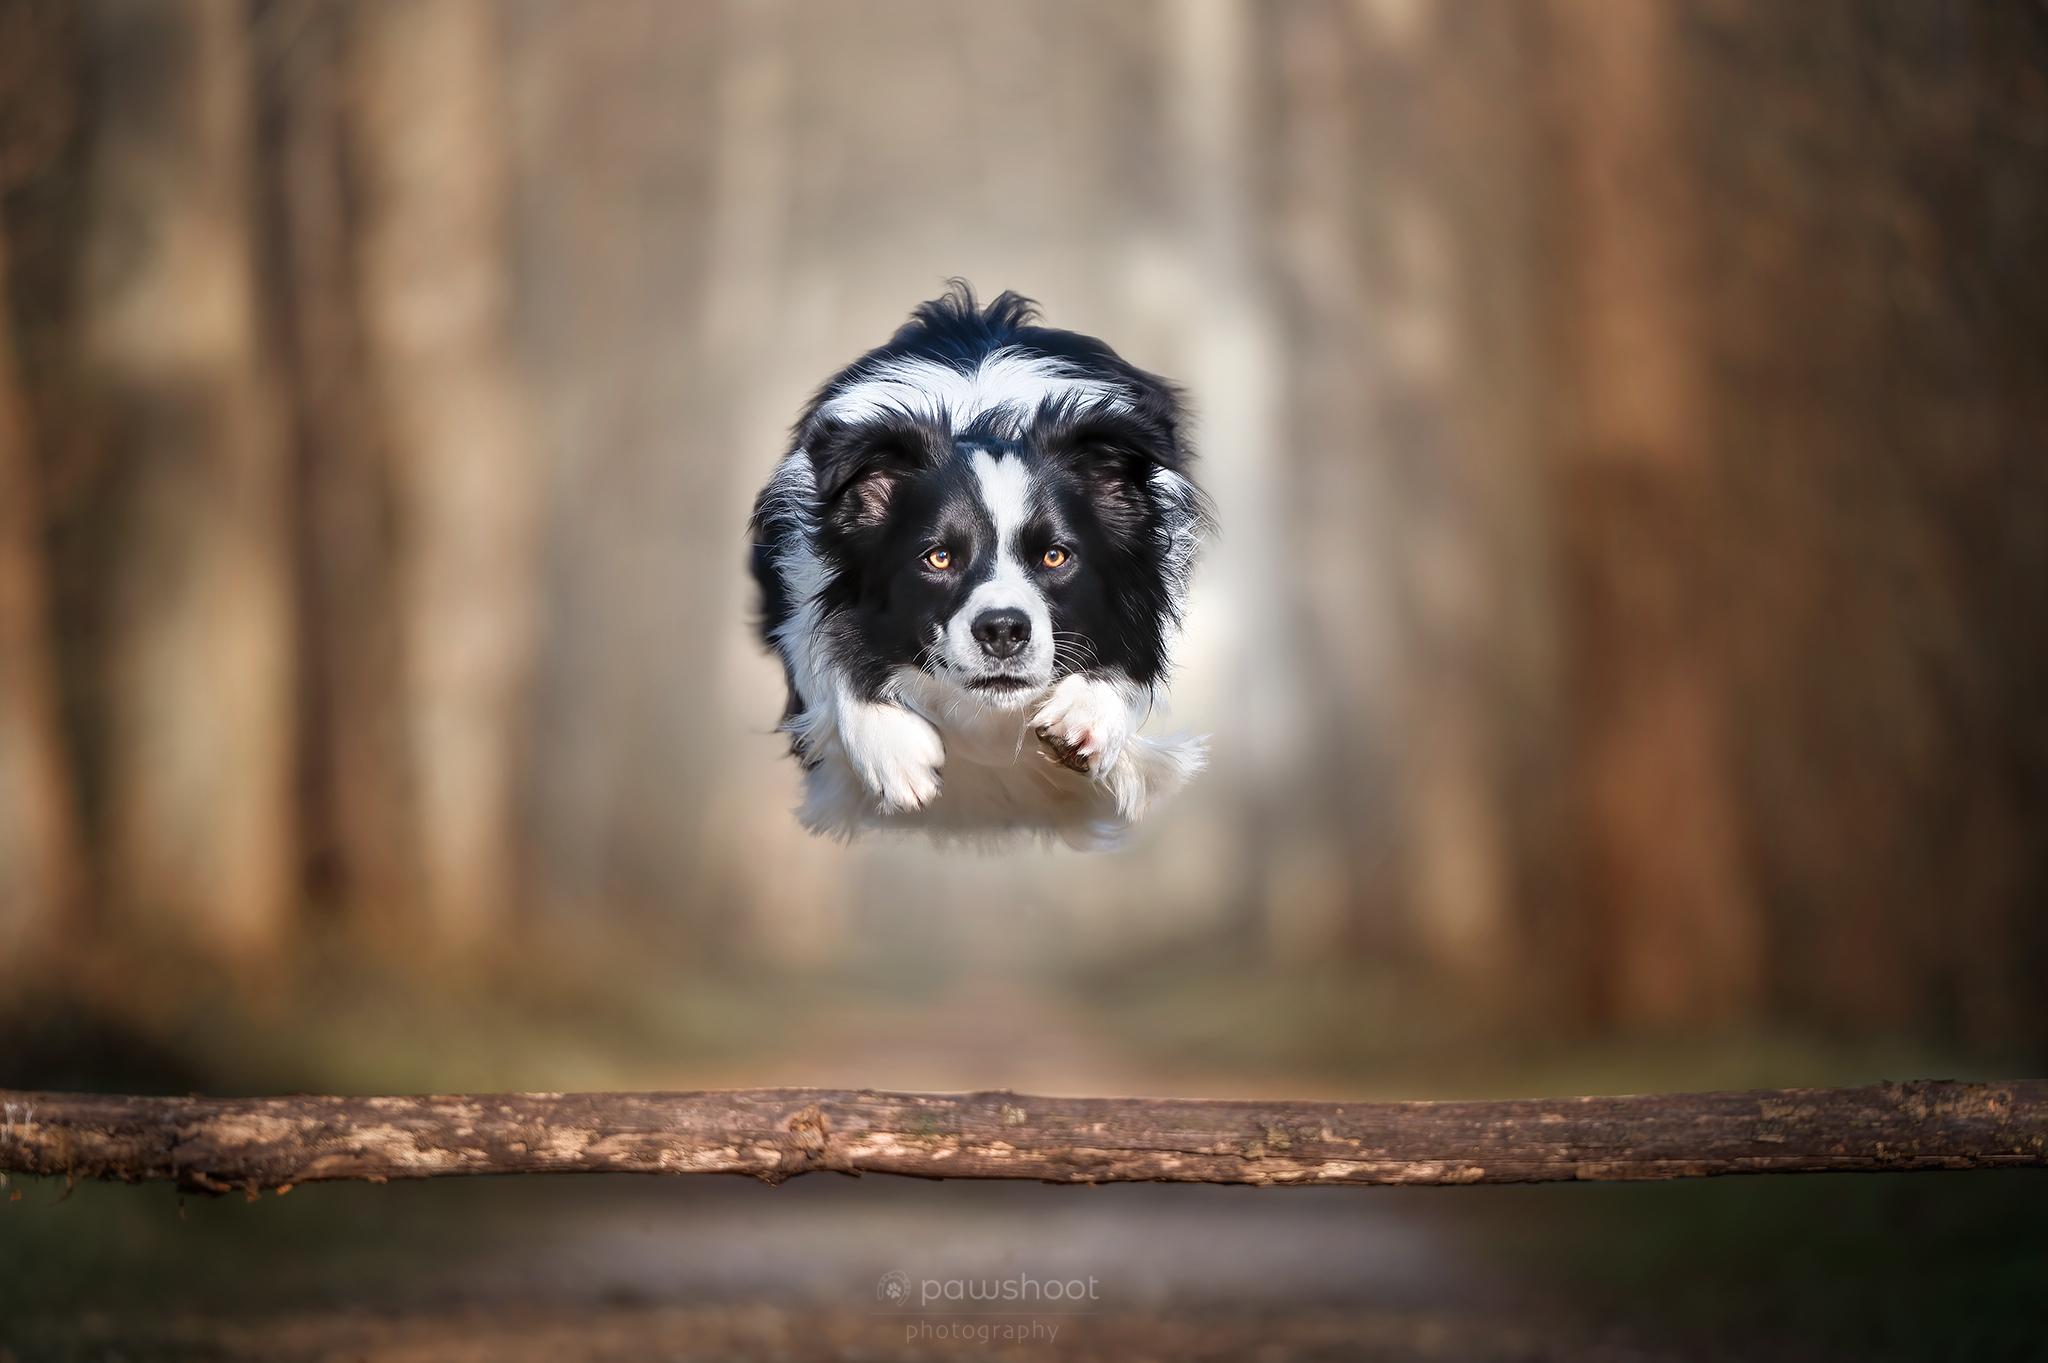 springende hond in actie Pawshoot hondenfotografie